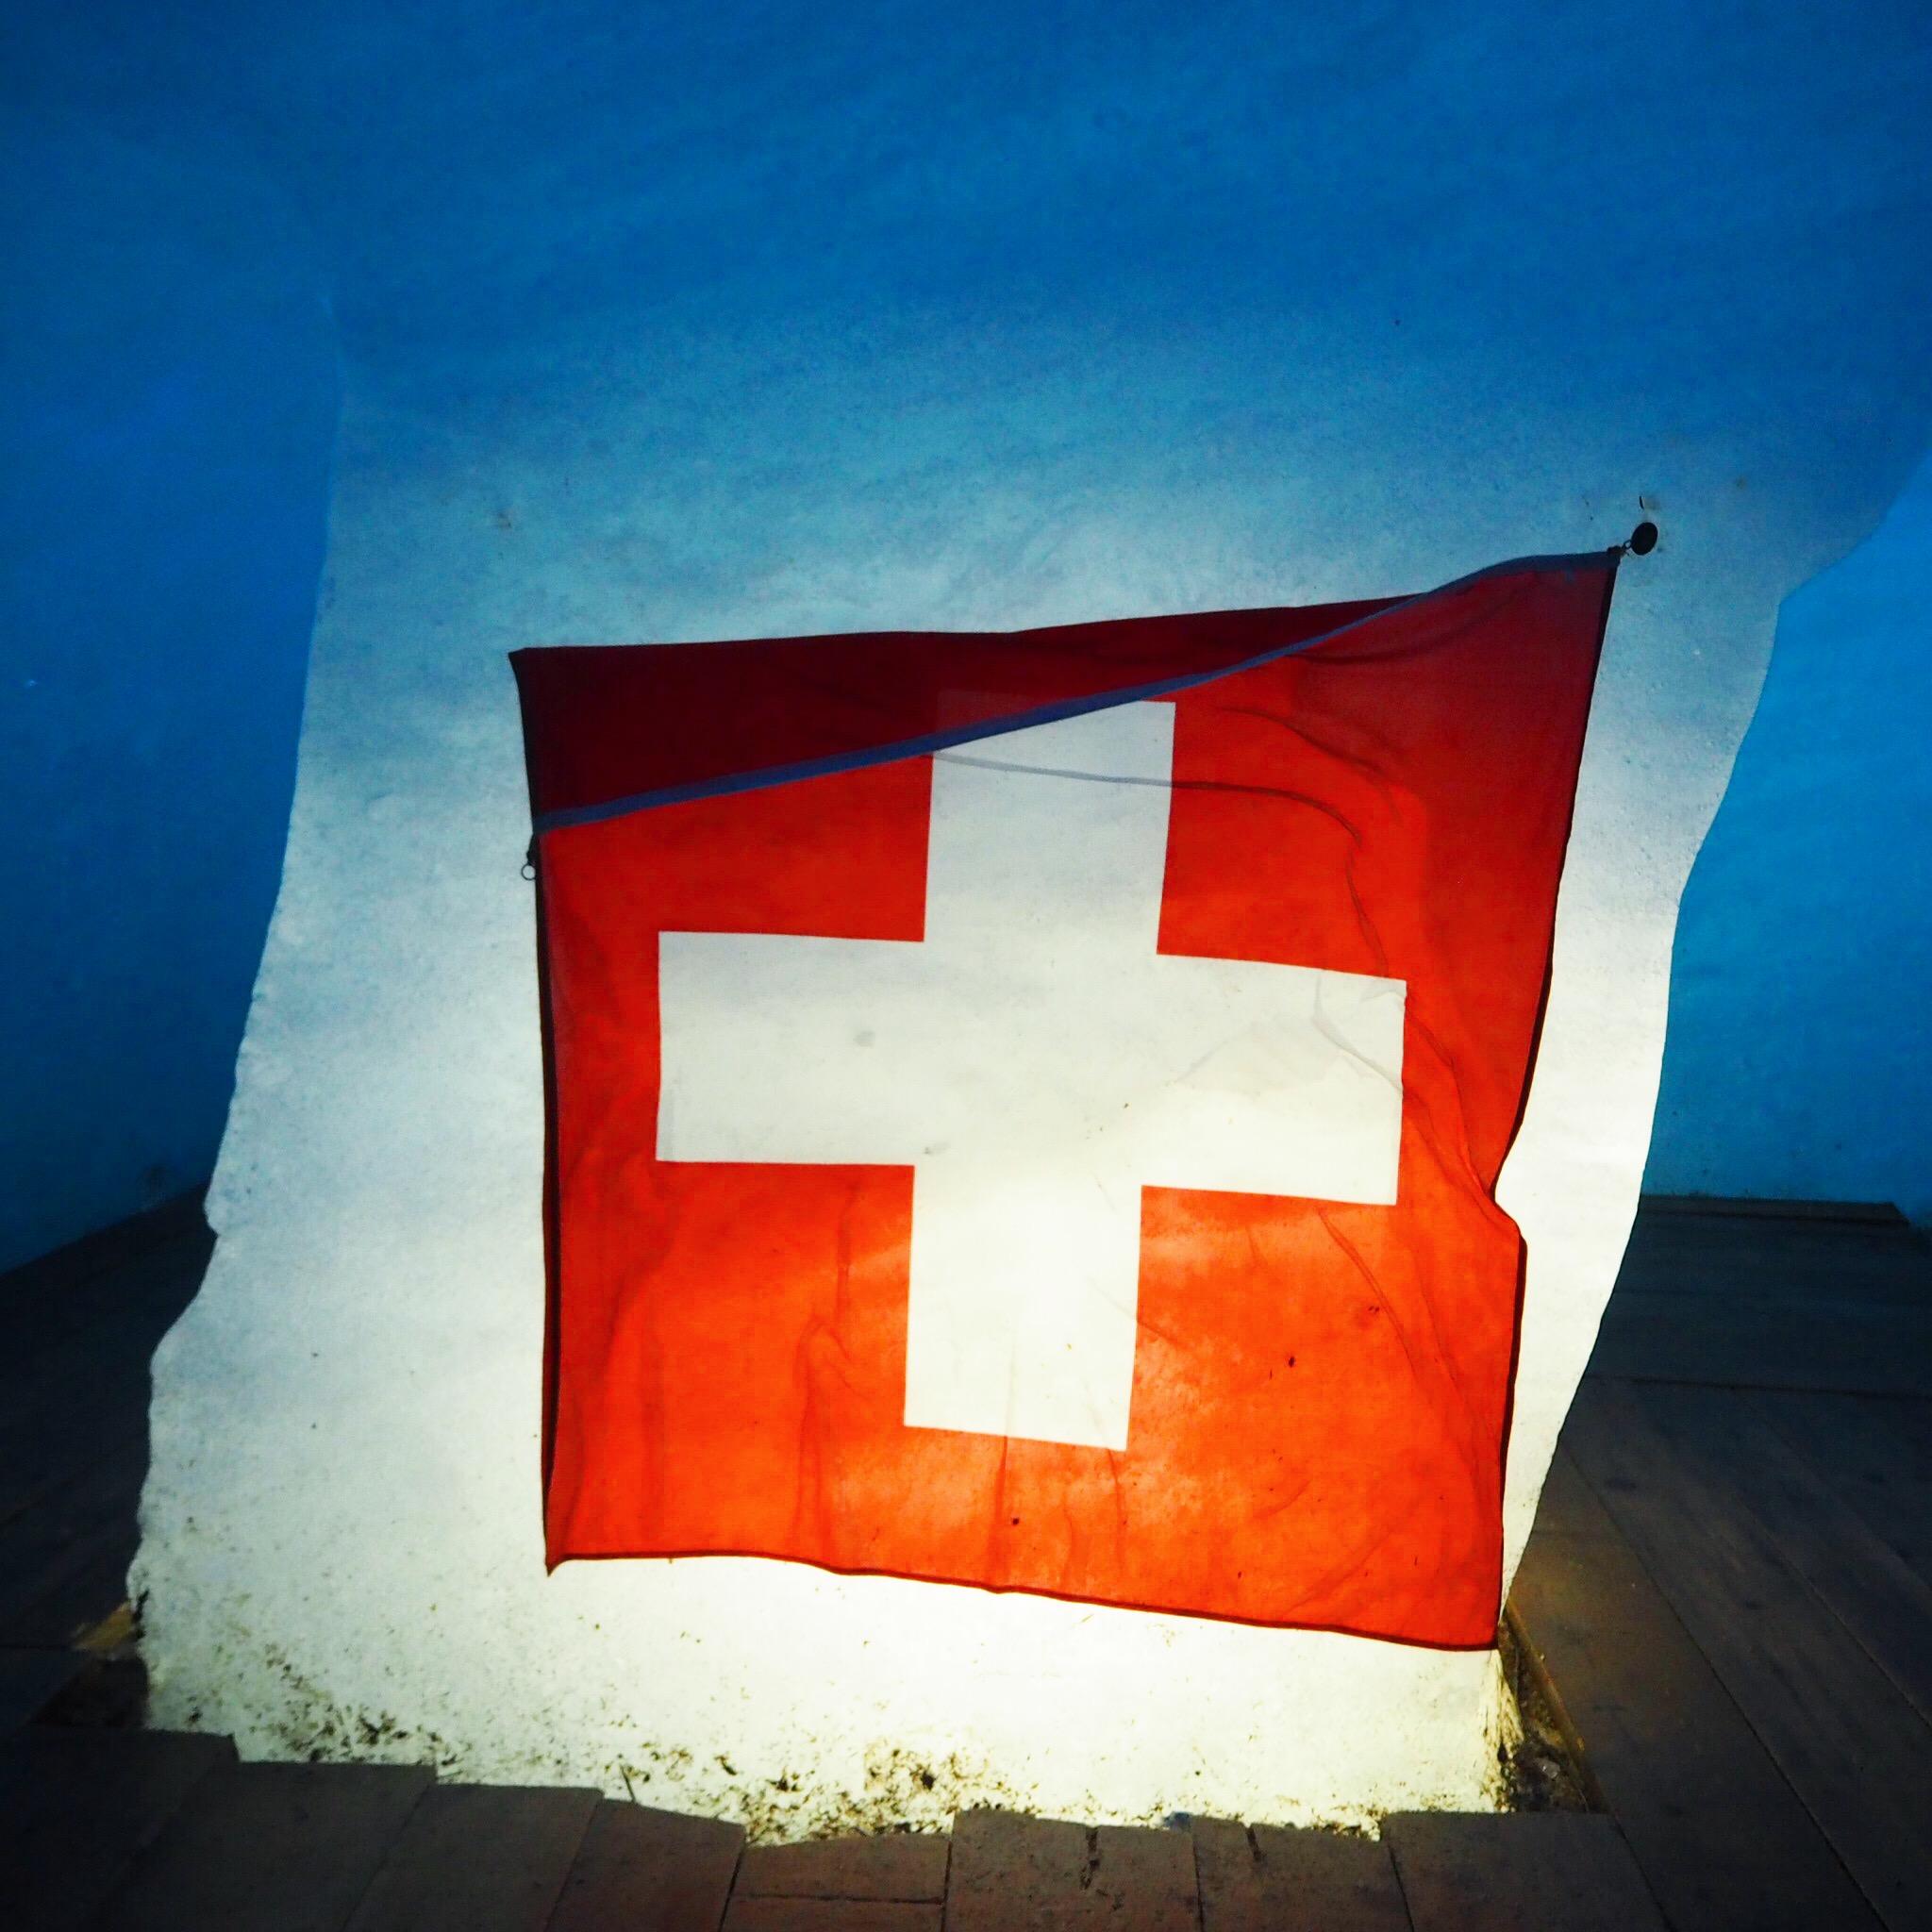 Švýcarská vlajka na konci ledového tunelu Furka, který má převýšení 2 429 m. Zajímavostí je, že se zde natáčela bondovka Goldfinger.  Swiss flag at the end of an icy tunnel which has 2 429 m cant. The interesting fact is that the movie Goldfinger from Bond series was filmed there.